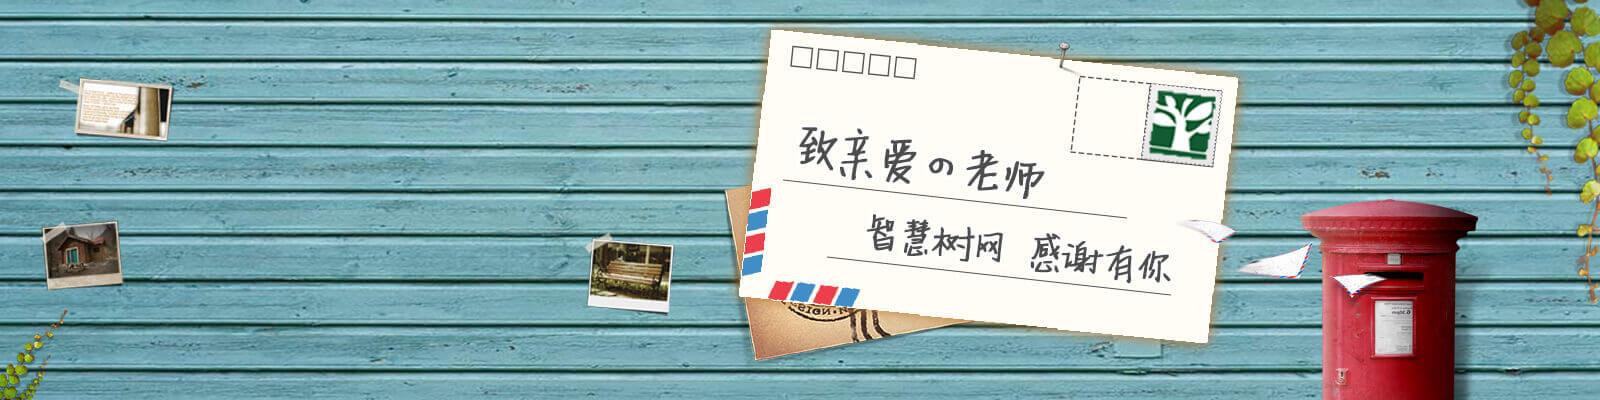 智慧树在线教育_最值得信赖的中国mooc式在线互动